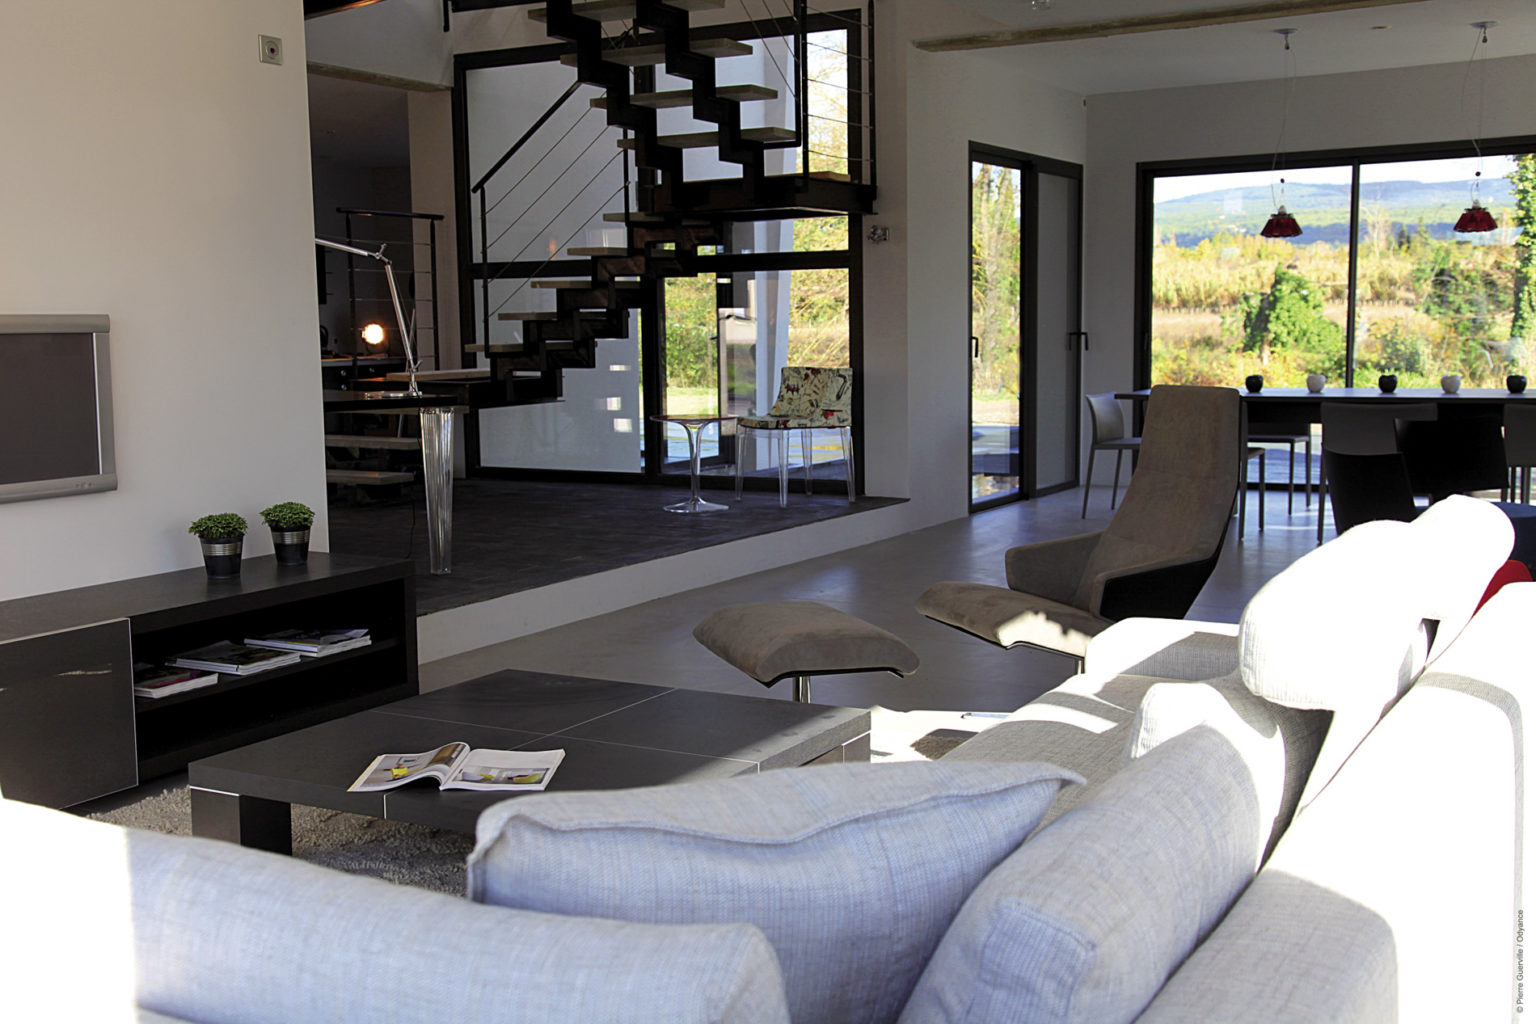 Villa-contemporaine-bateau-ivre-lisle-sur-la-sorgue-8092